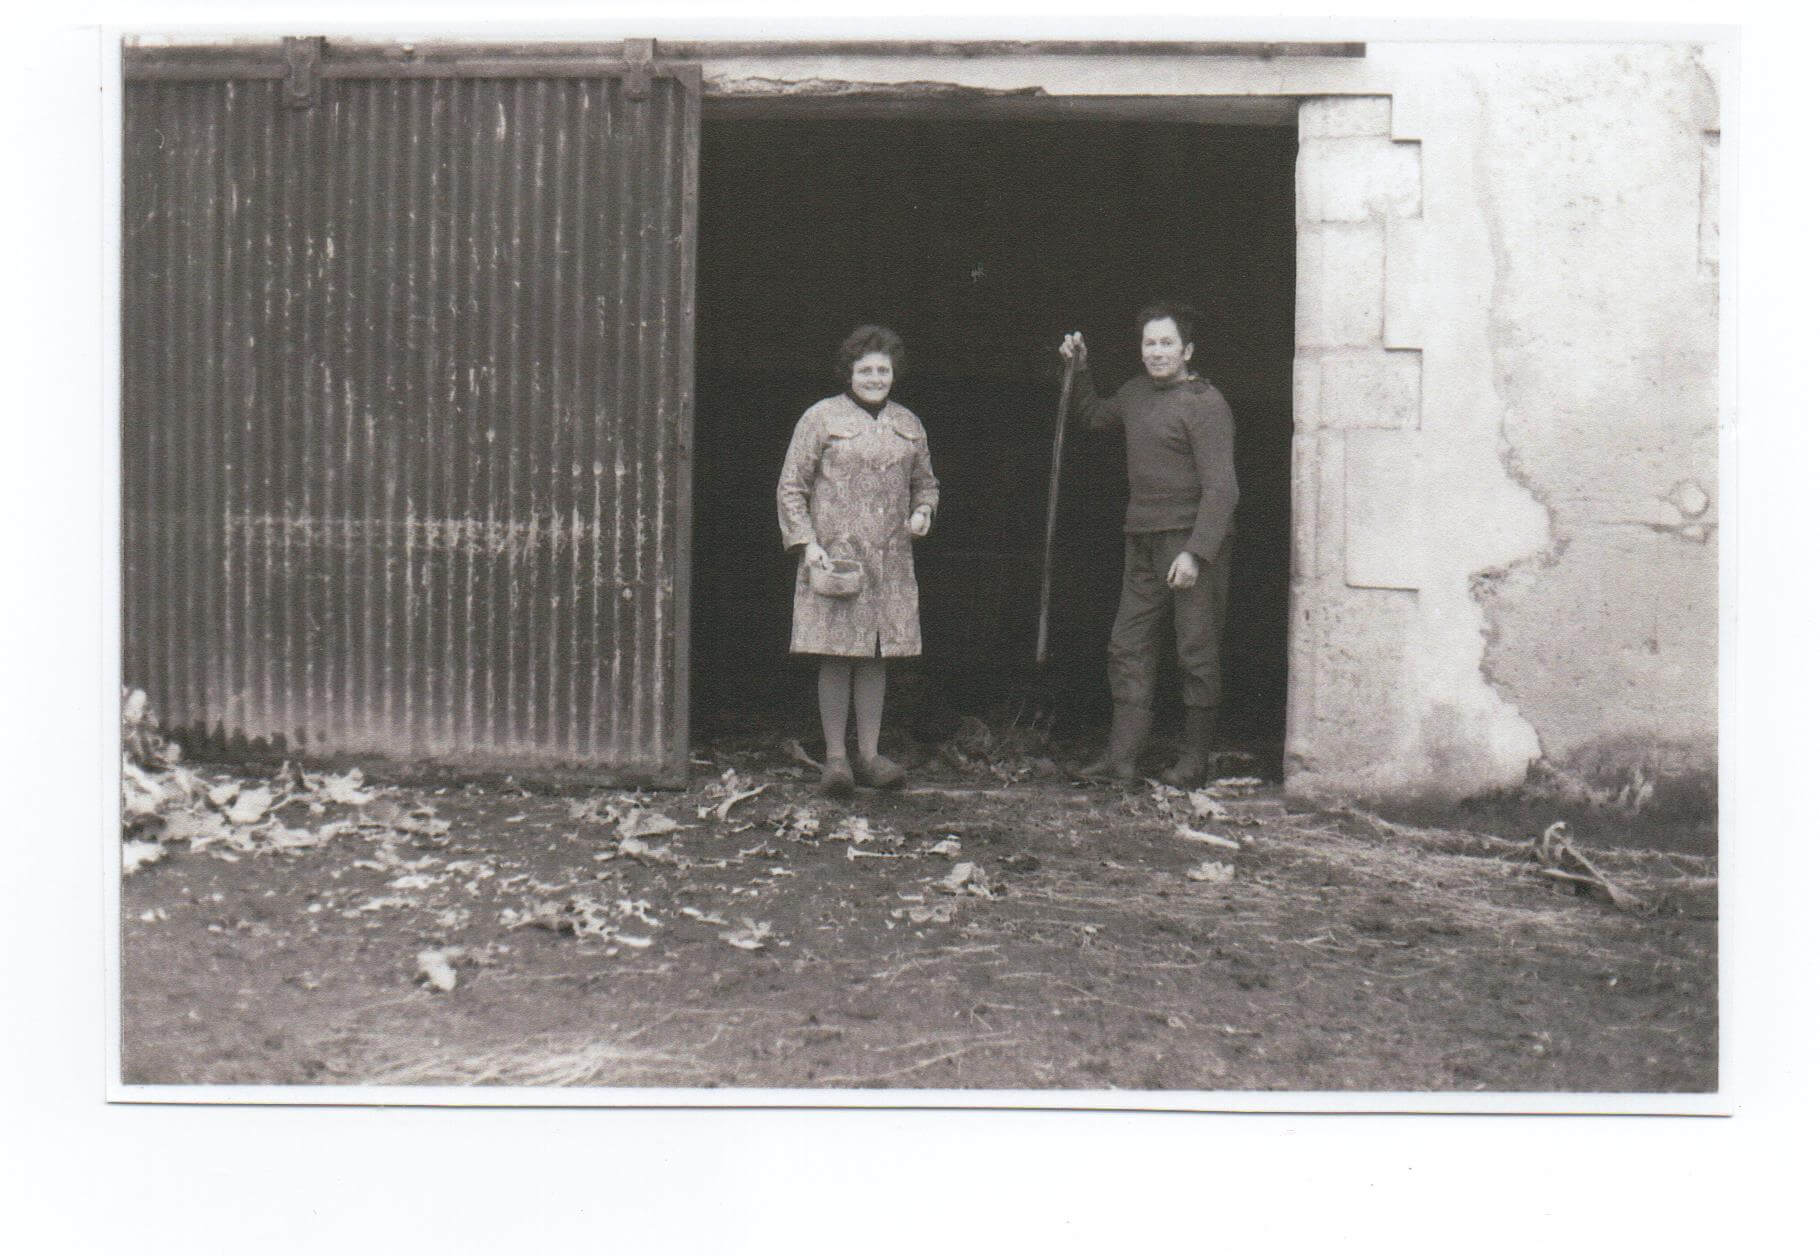 Anna et Jean, les grands-parents de Myriam, à l'époque où la ferme était encore en activité.